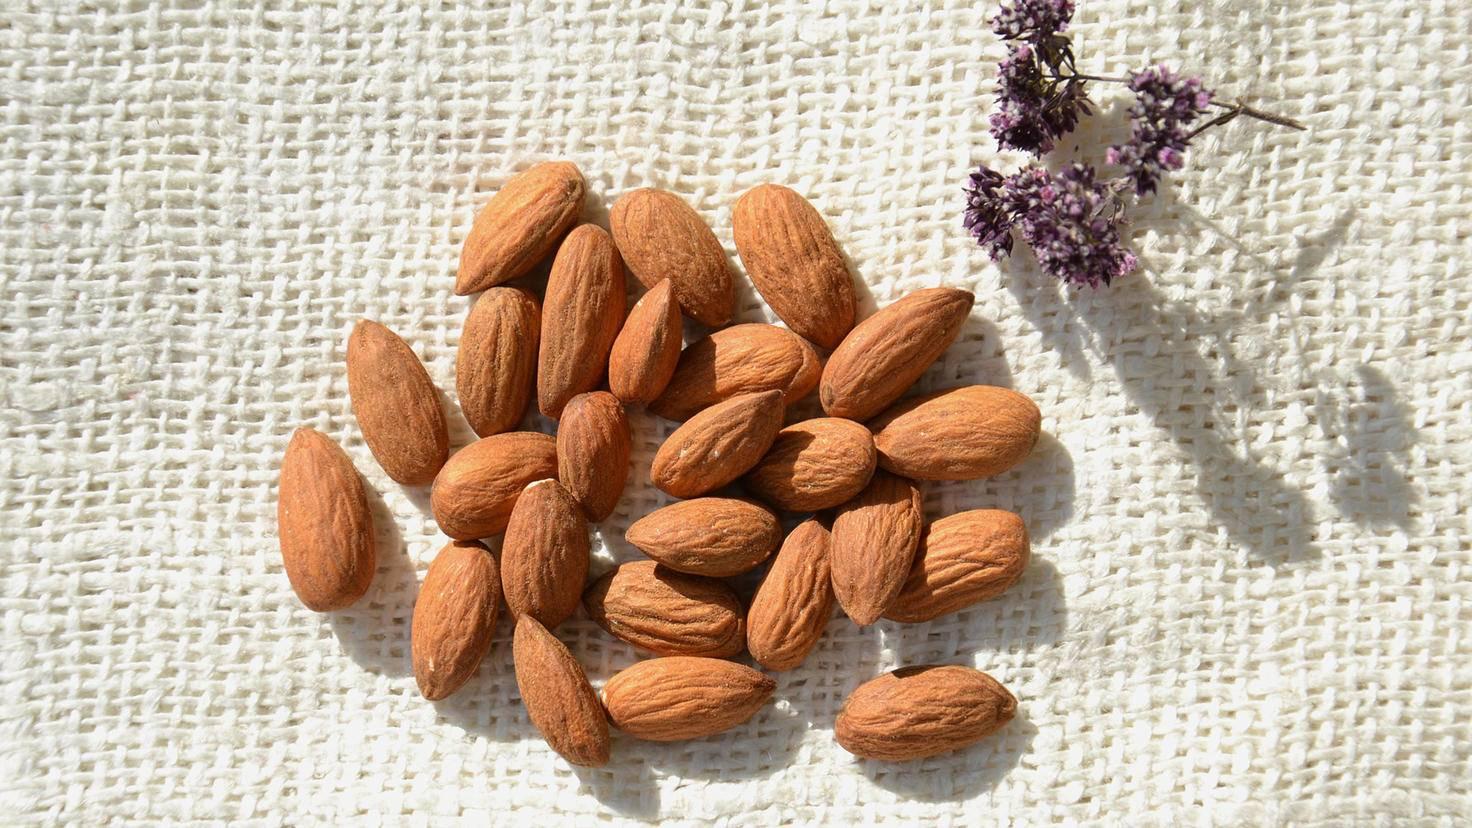 Mandeln sind gar keine Nüsse. Sie gehören zu den Steinfrüchten.